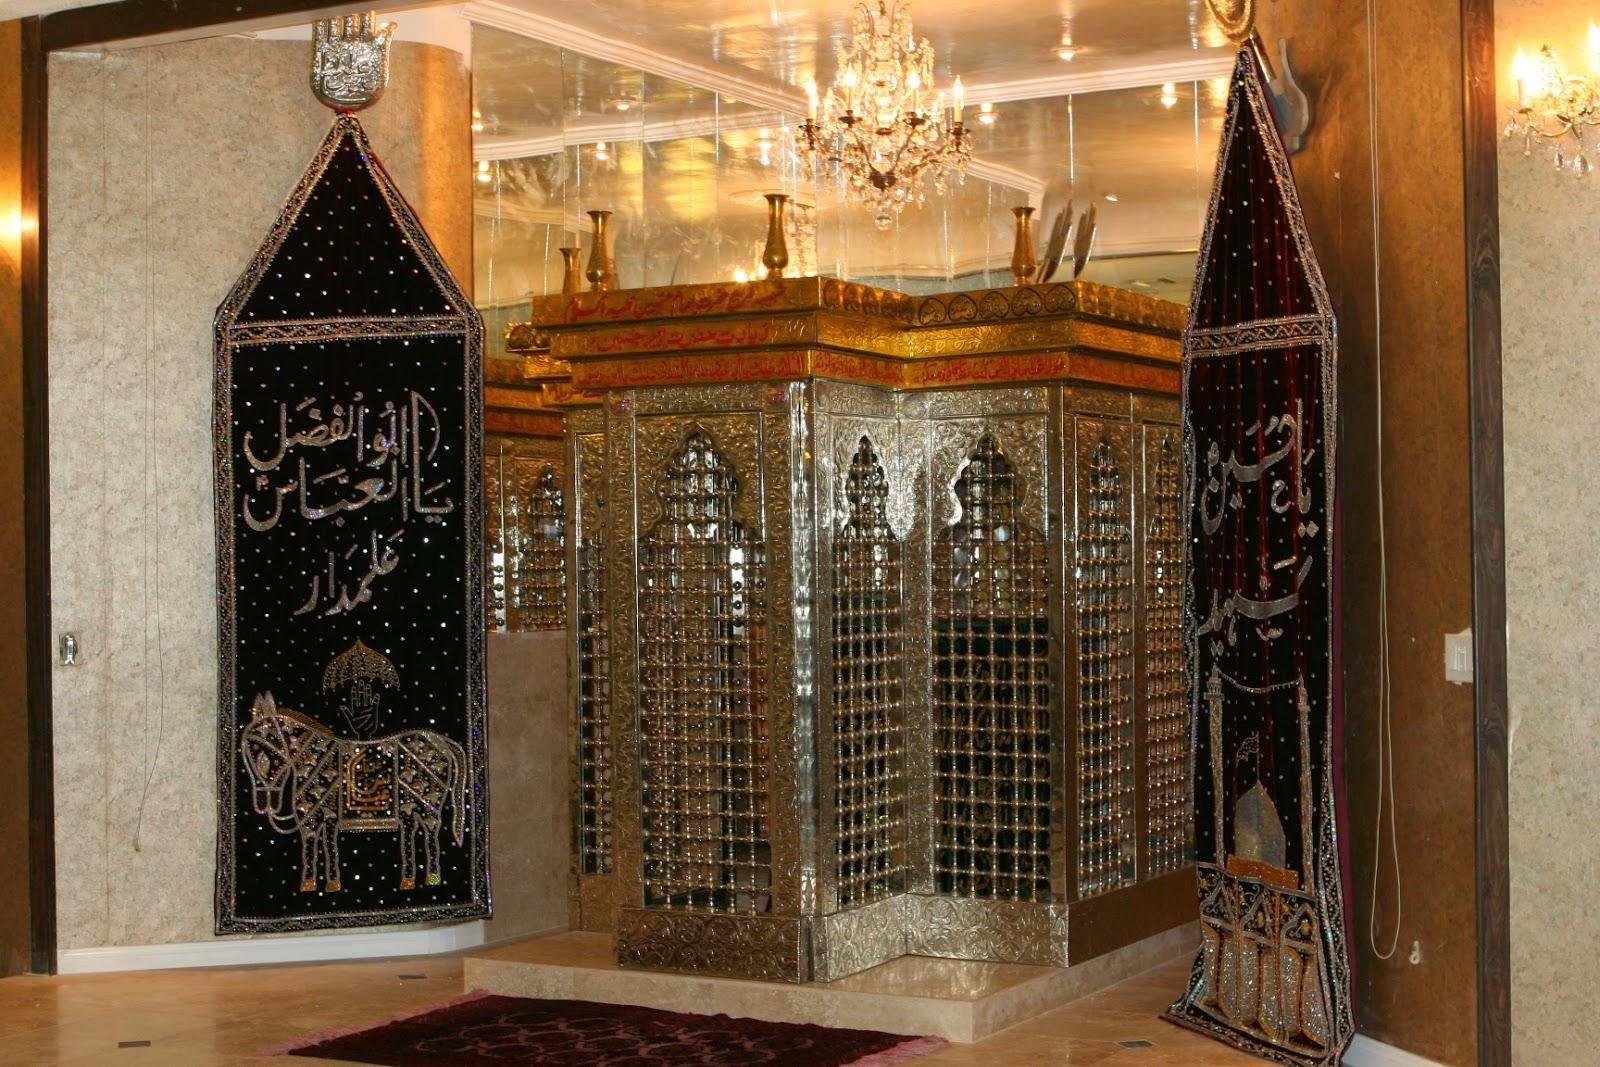 Maula Ali Shrine Wallpaper: Islamic Picks: Hazrat Imam Hussain